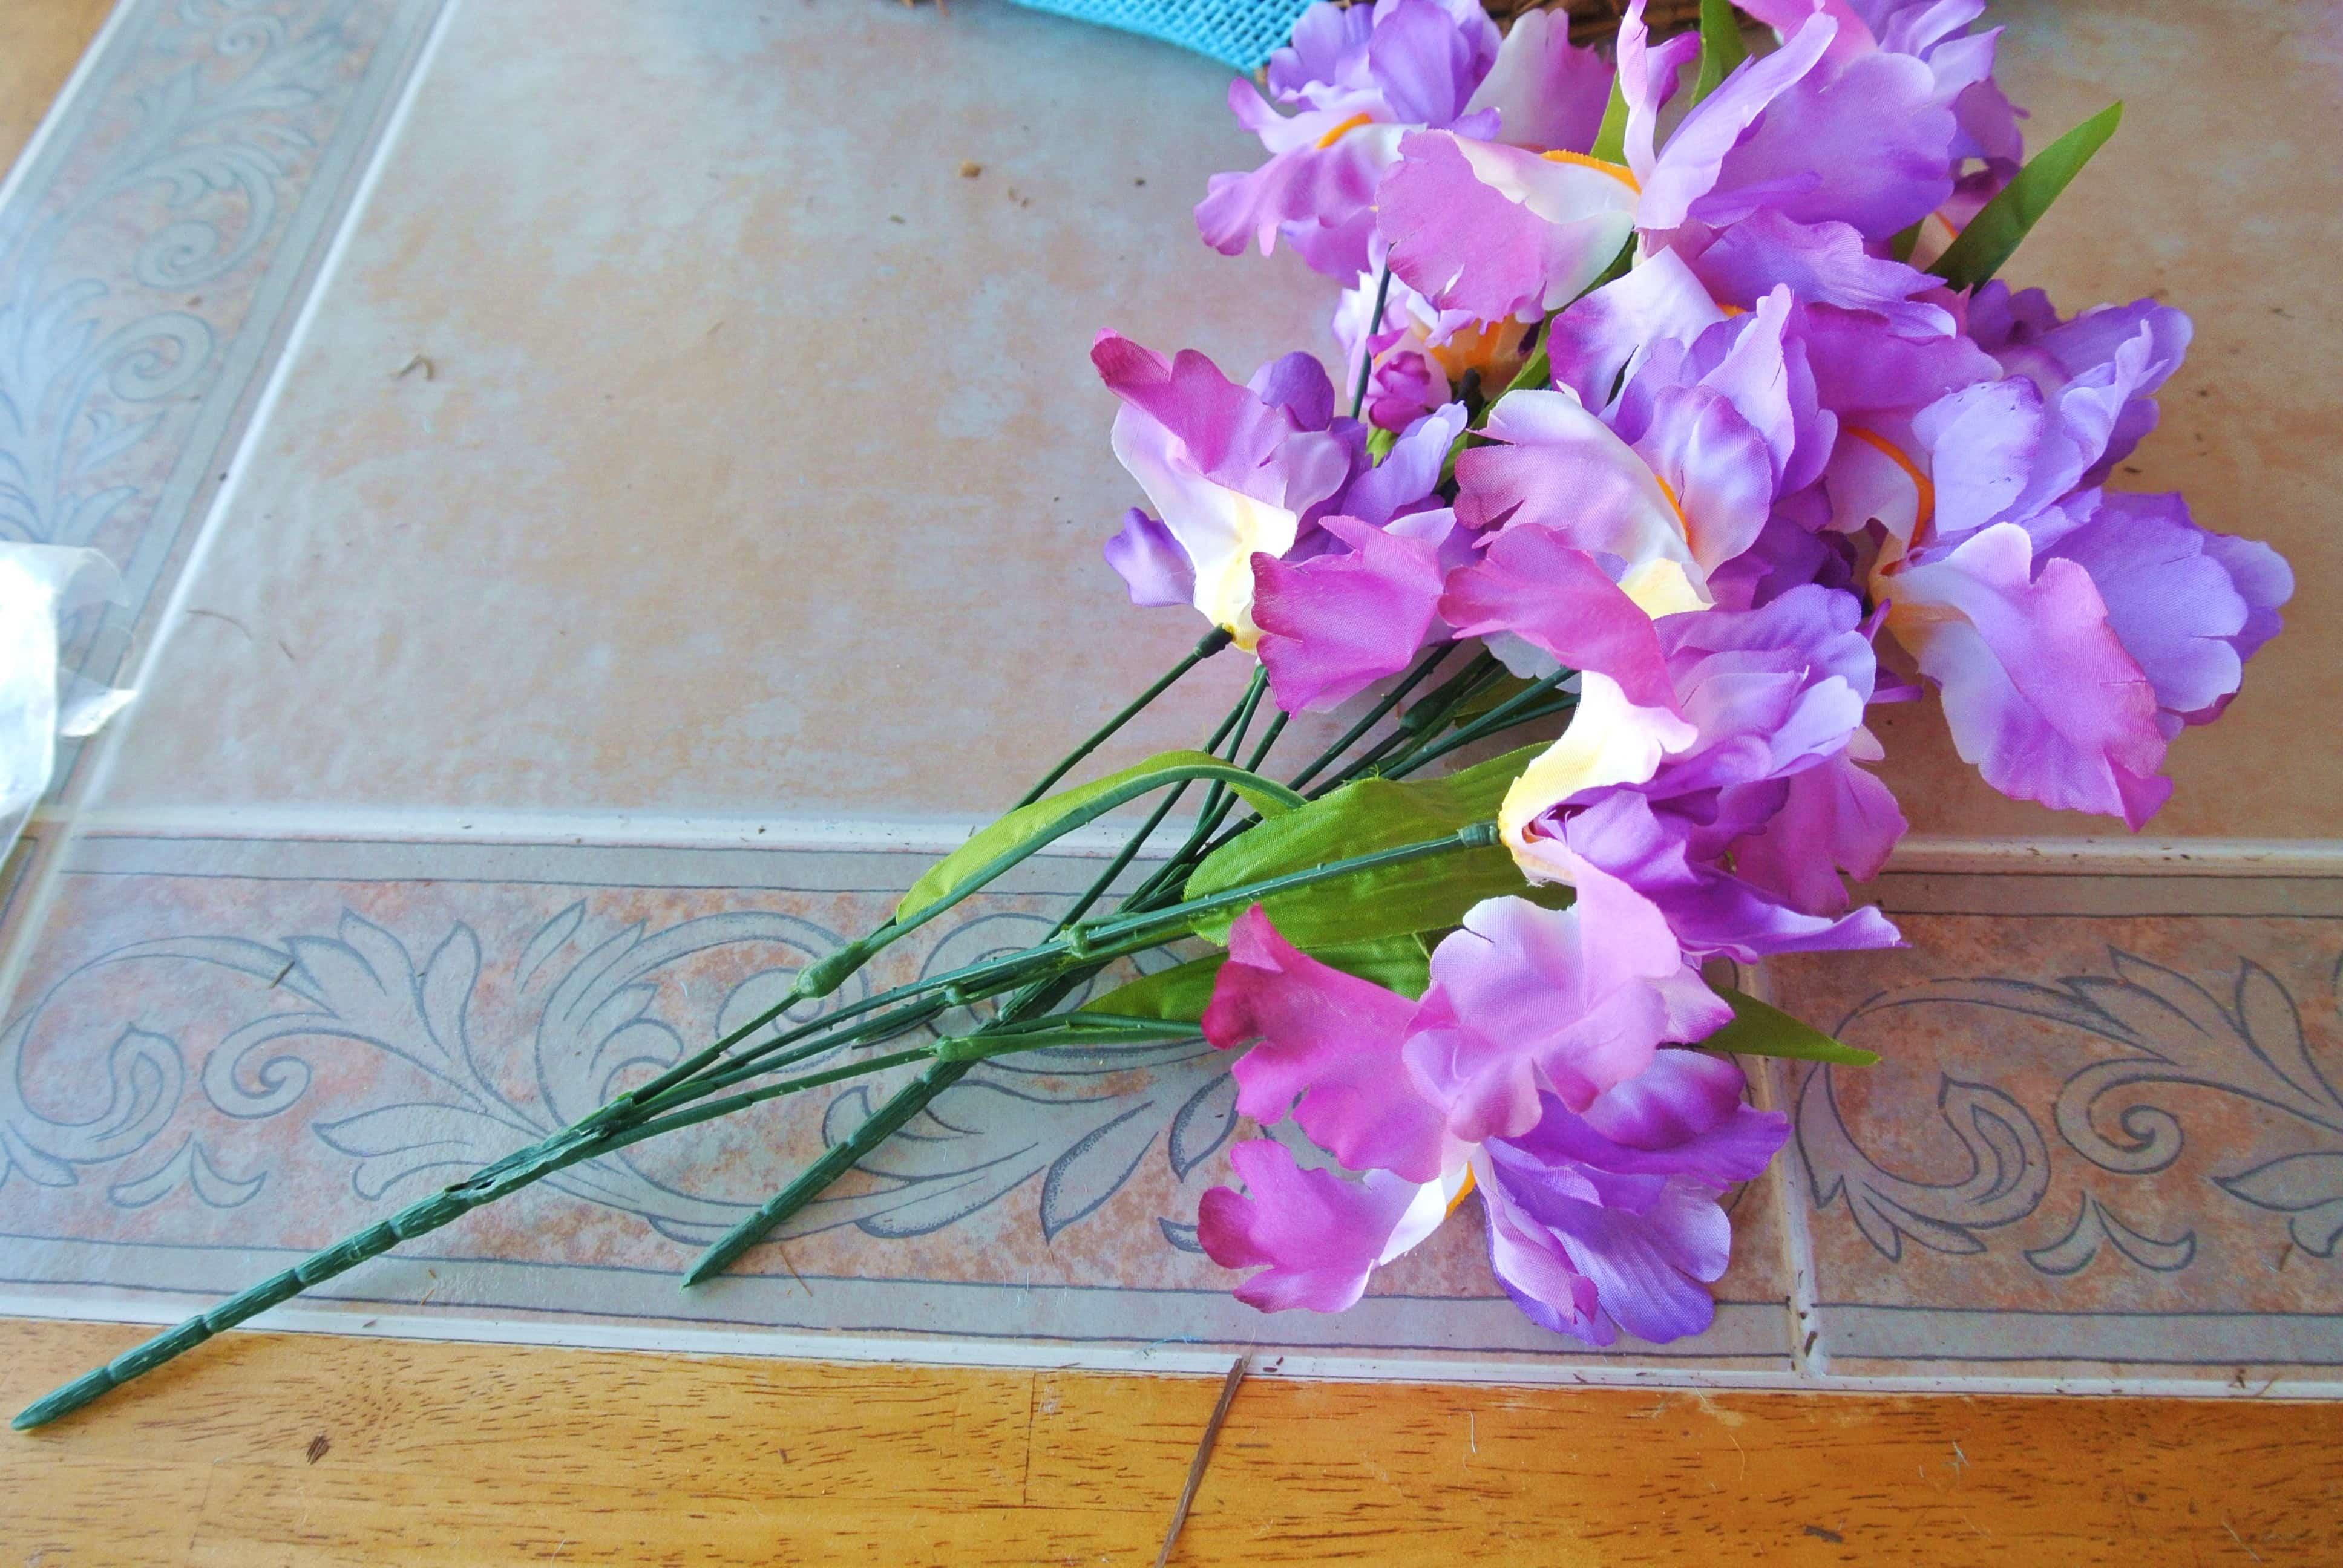 Faux purple flowers